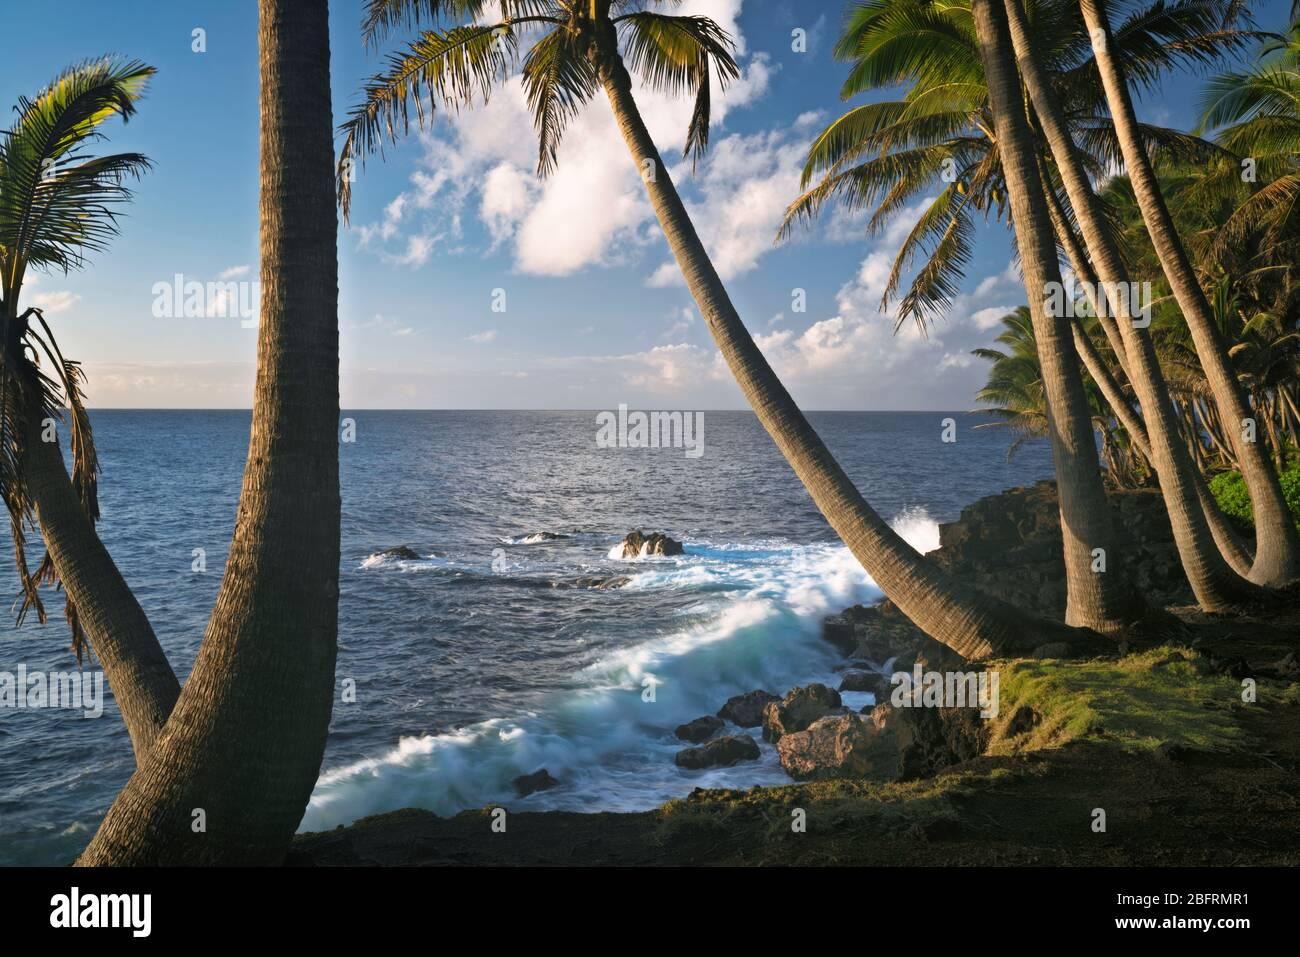 Lumière magique du matin le long de la côte de Puna bordée de palmiers sur la Grande île d'Hawaï. Banque D'Images